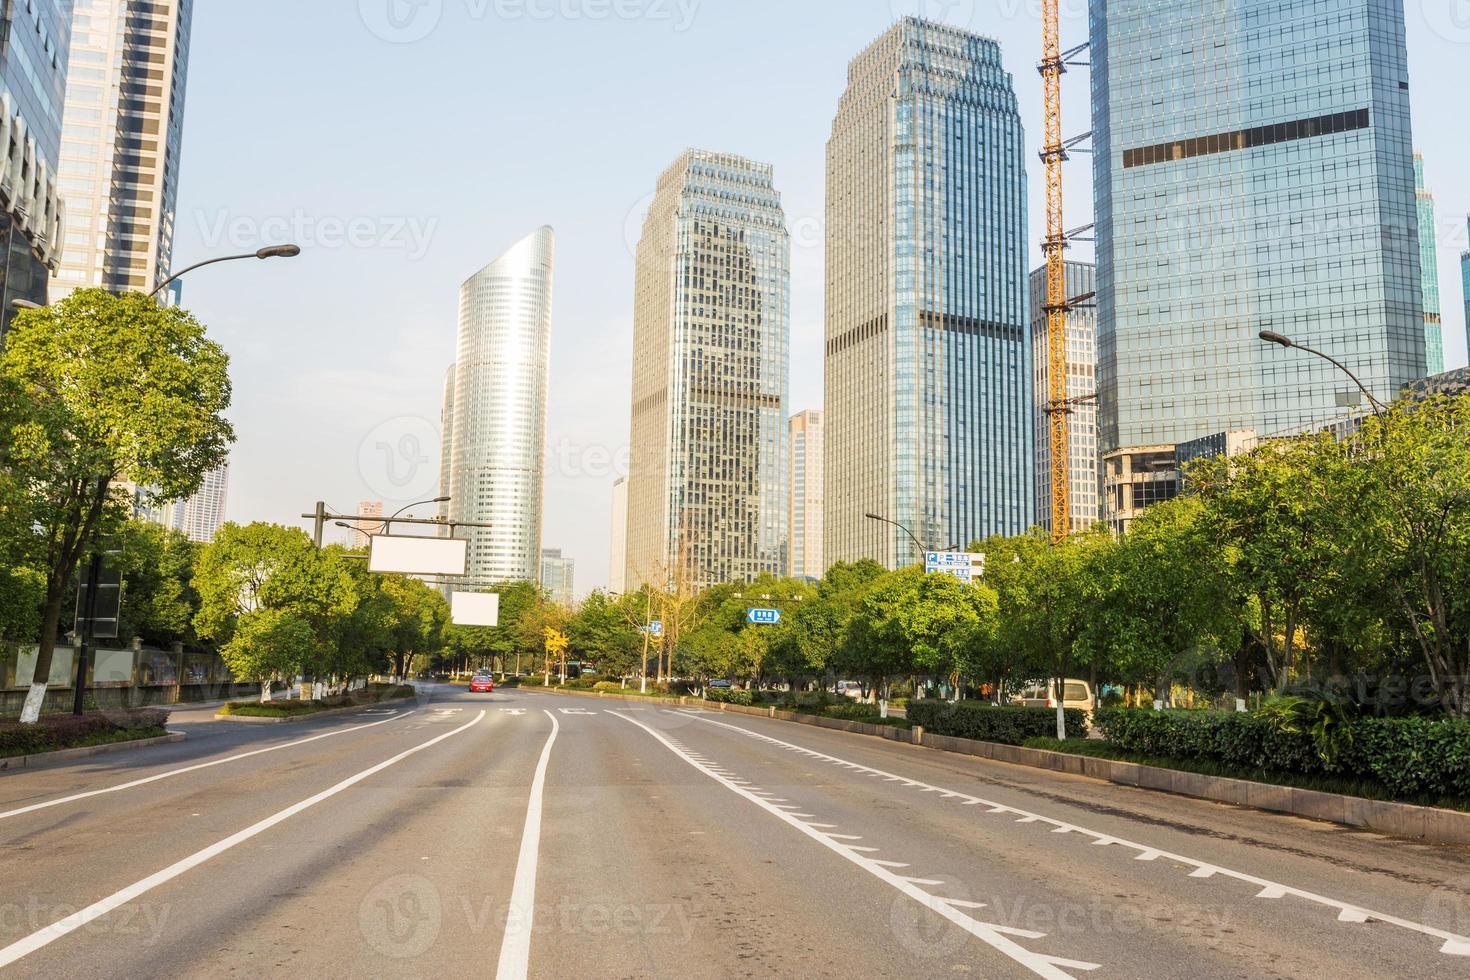 Skyline, route urbaine et immeuble de bureaux pendant la journée. photo